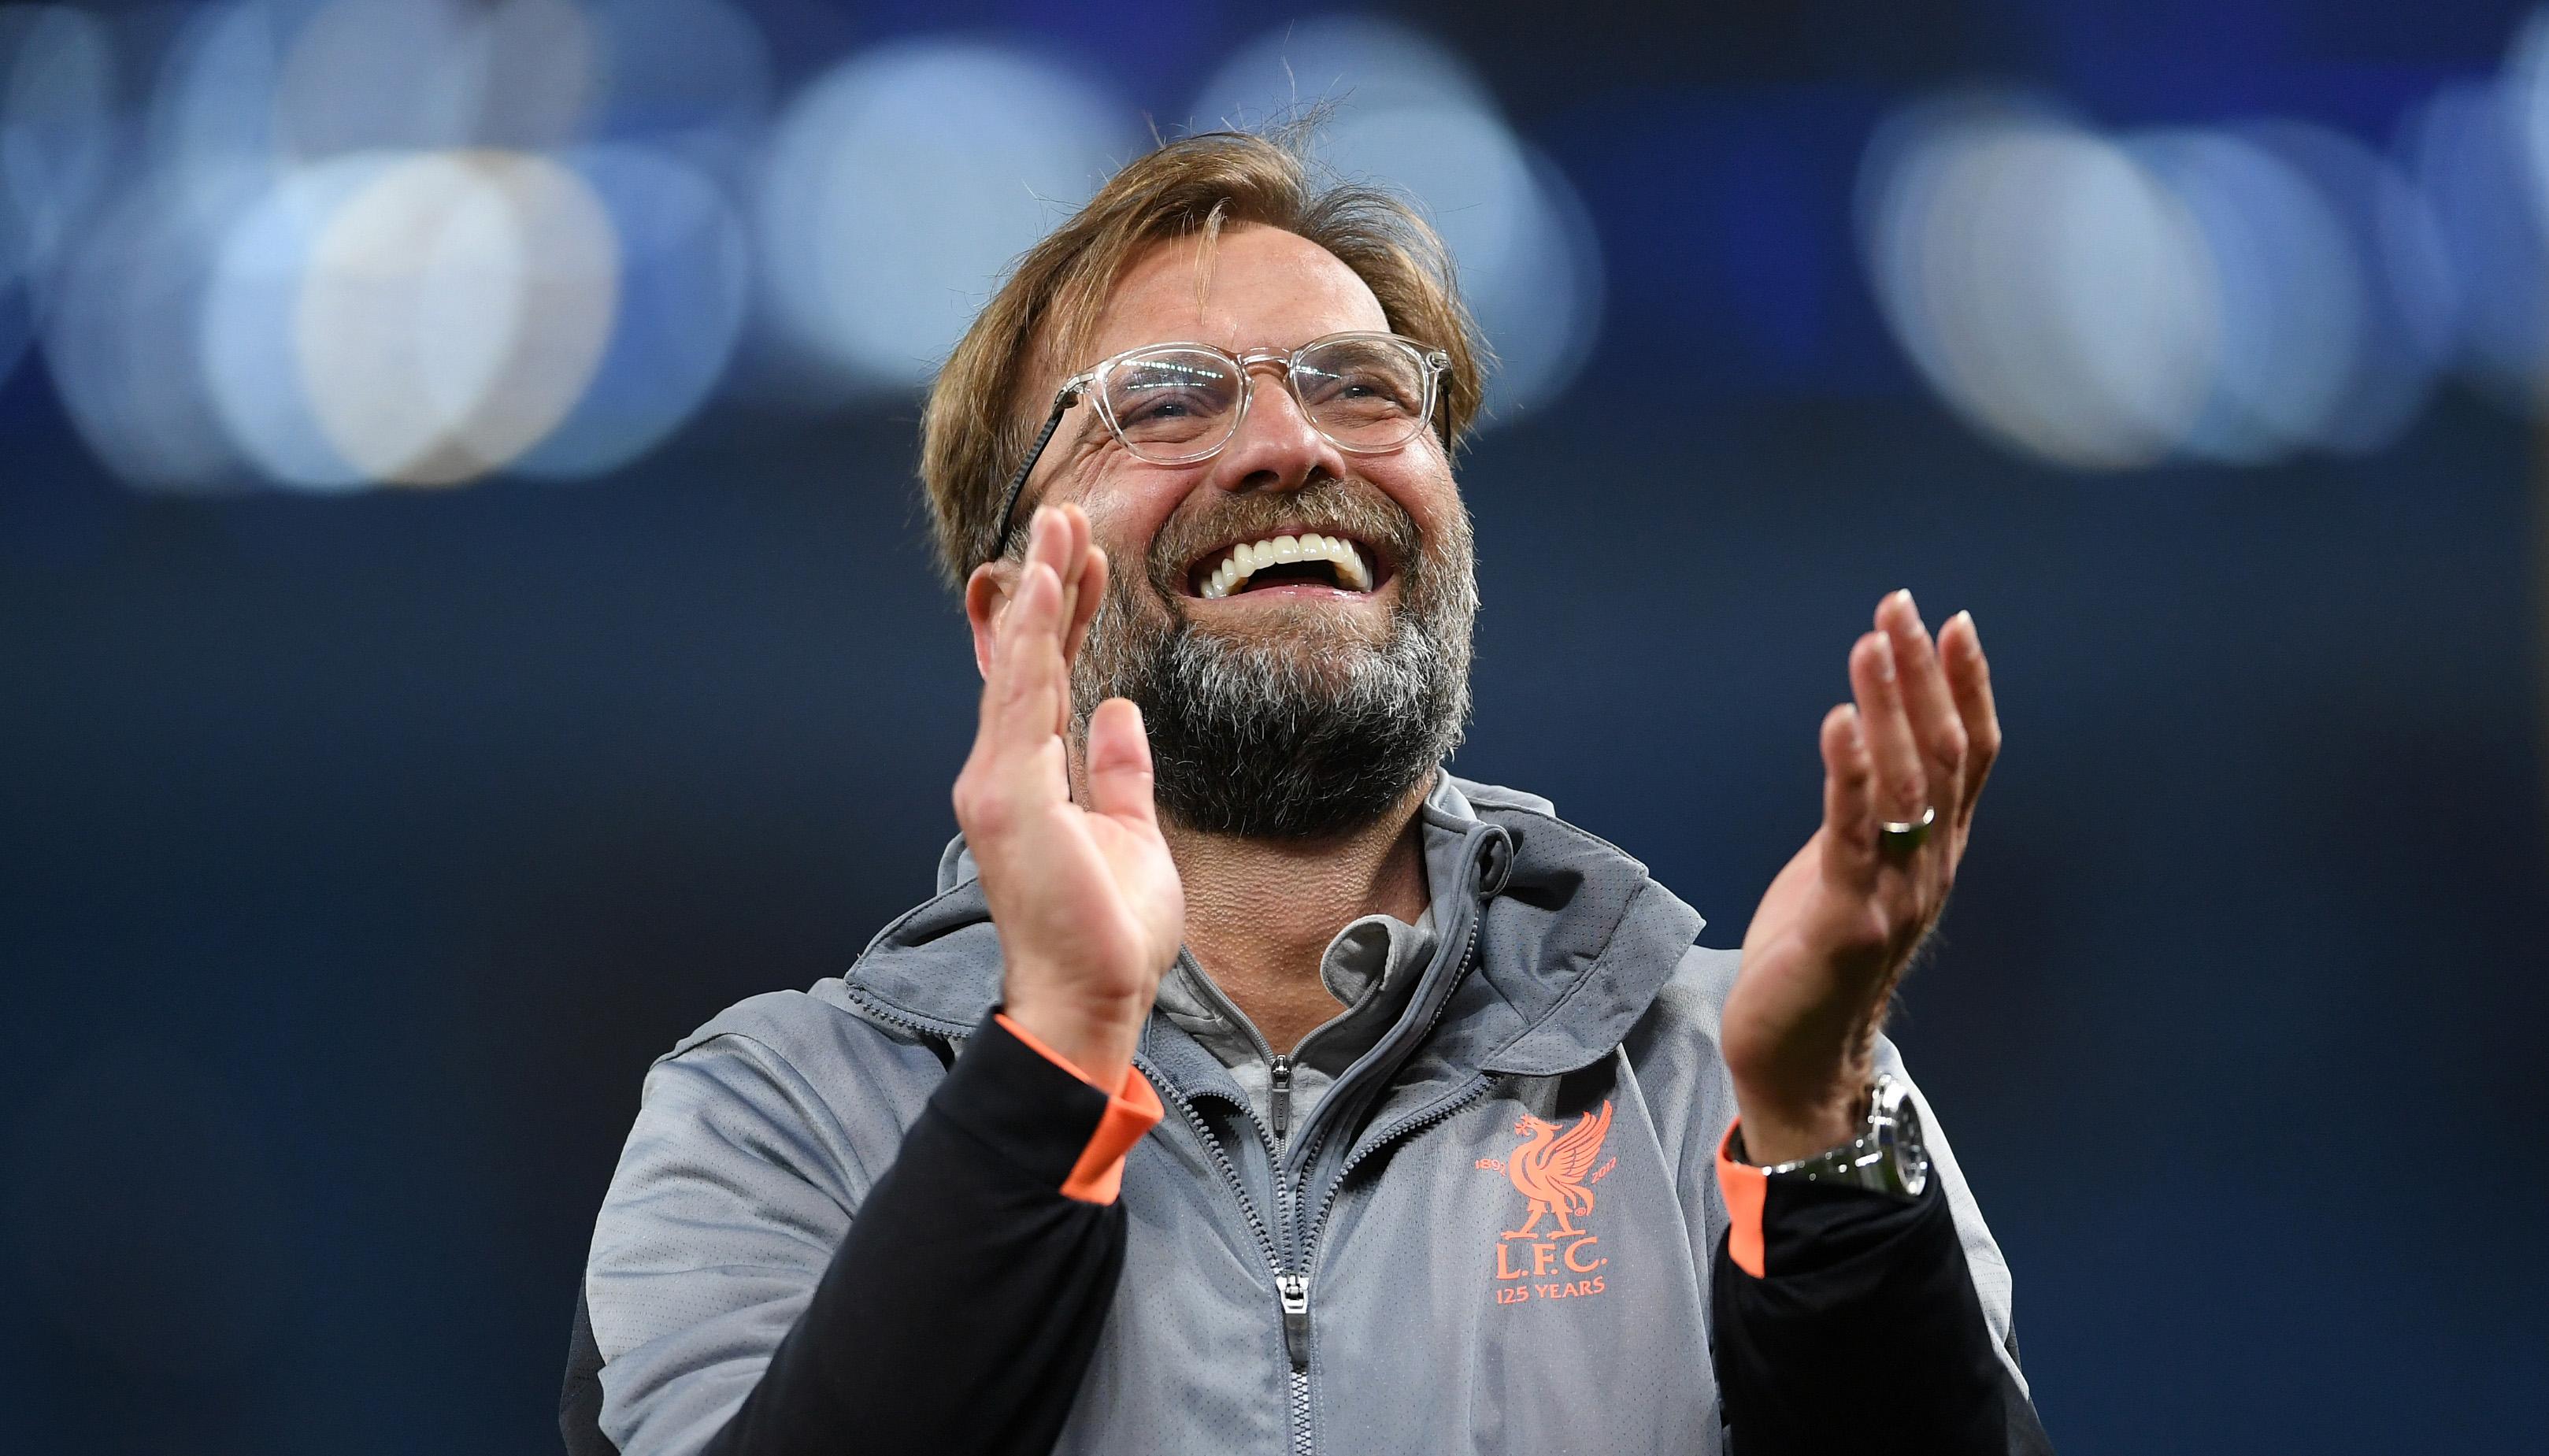 Champions League-Finale 2018: Die Besonderheiten des Gigantenduells